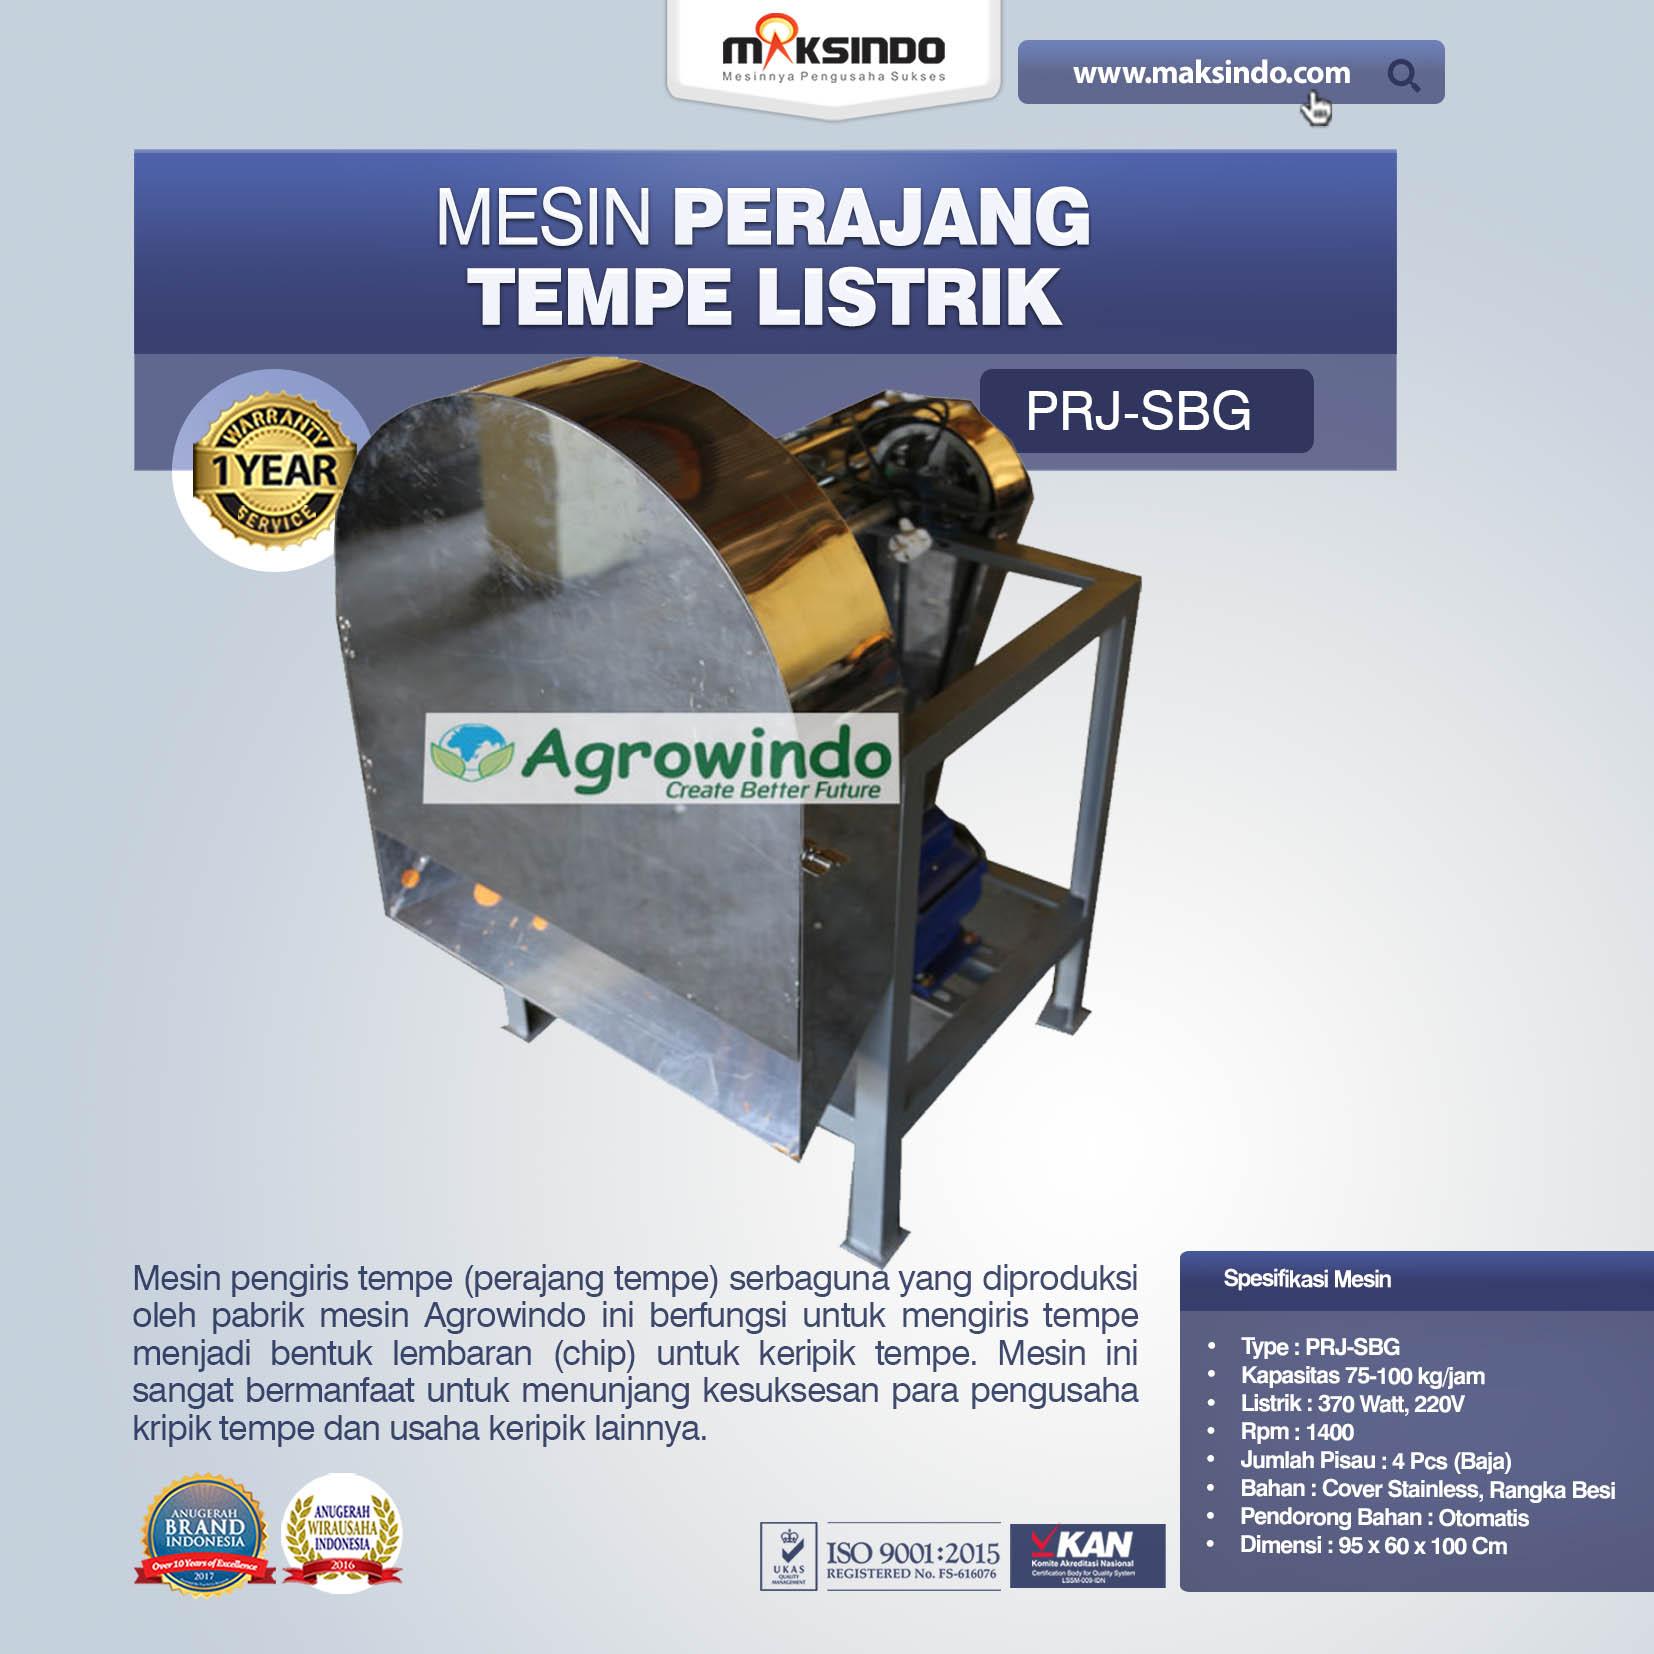 Mesin Perajang Tempe Listrik PRJ-SBG